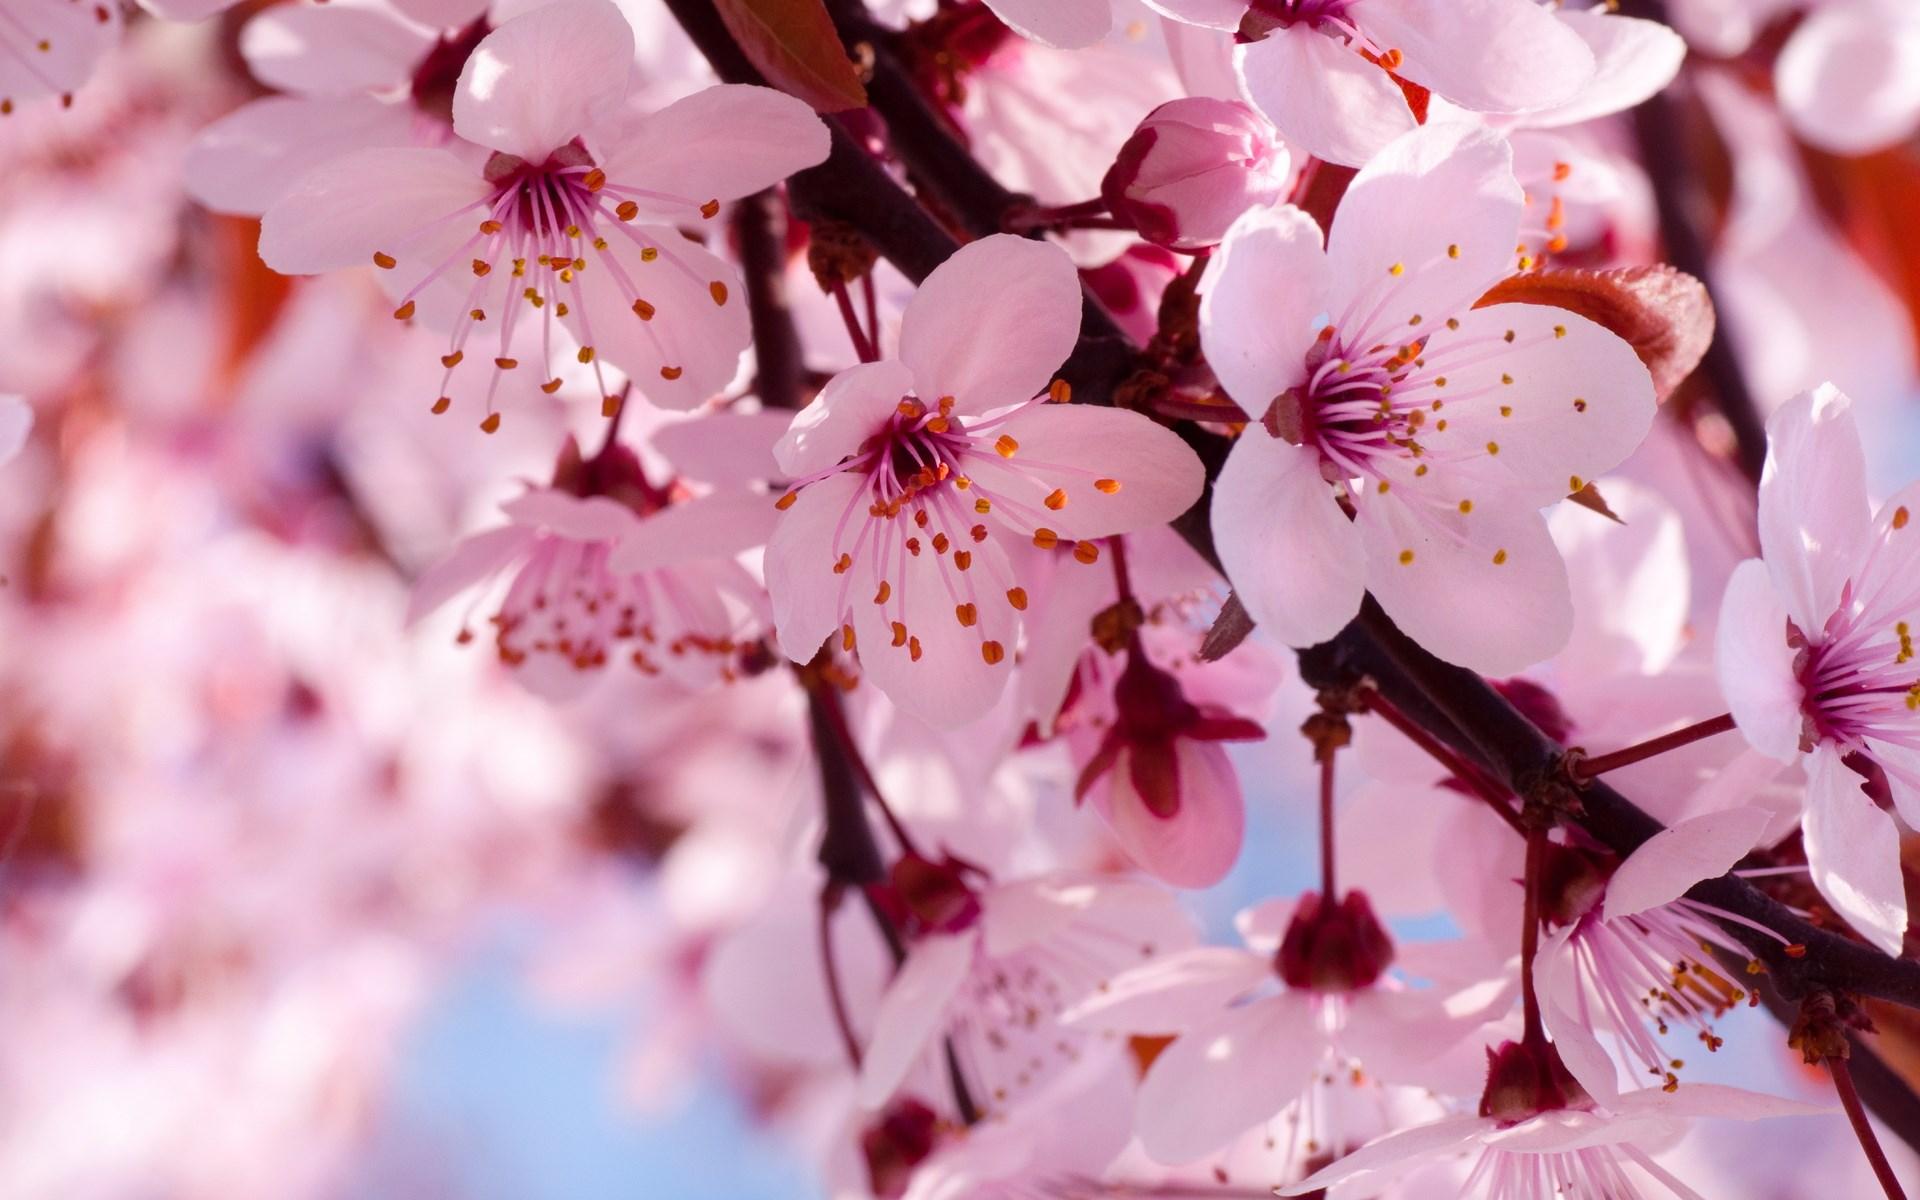 вишня цветение  № 2767182 загрузить